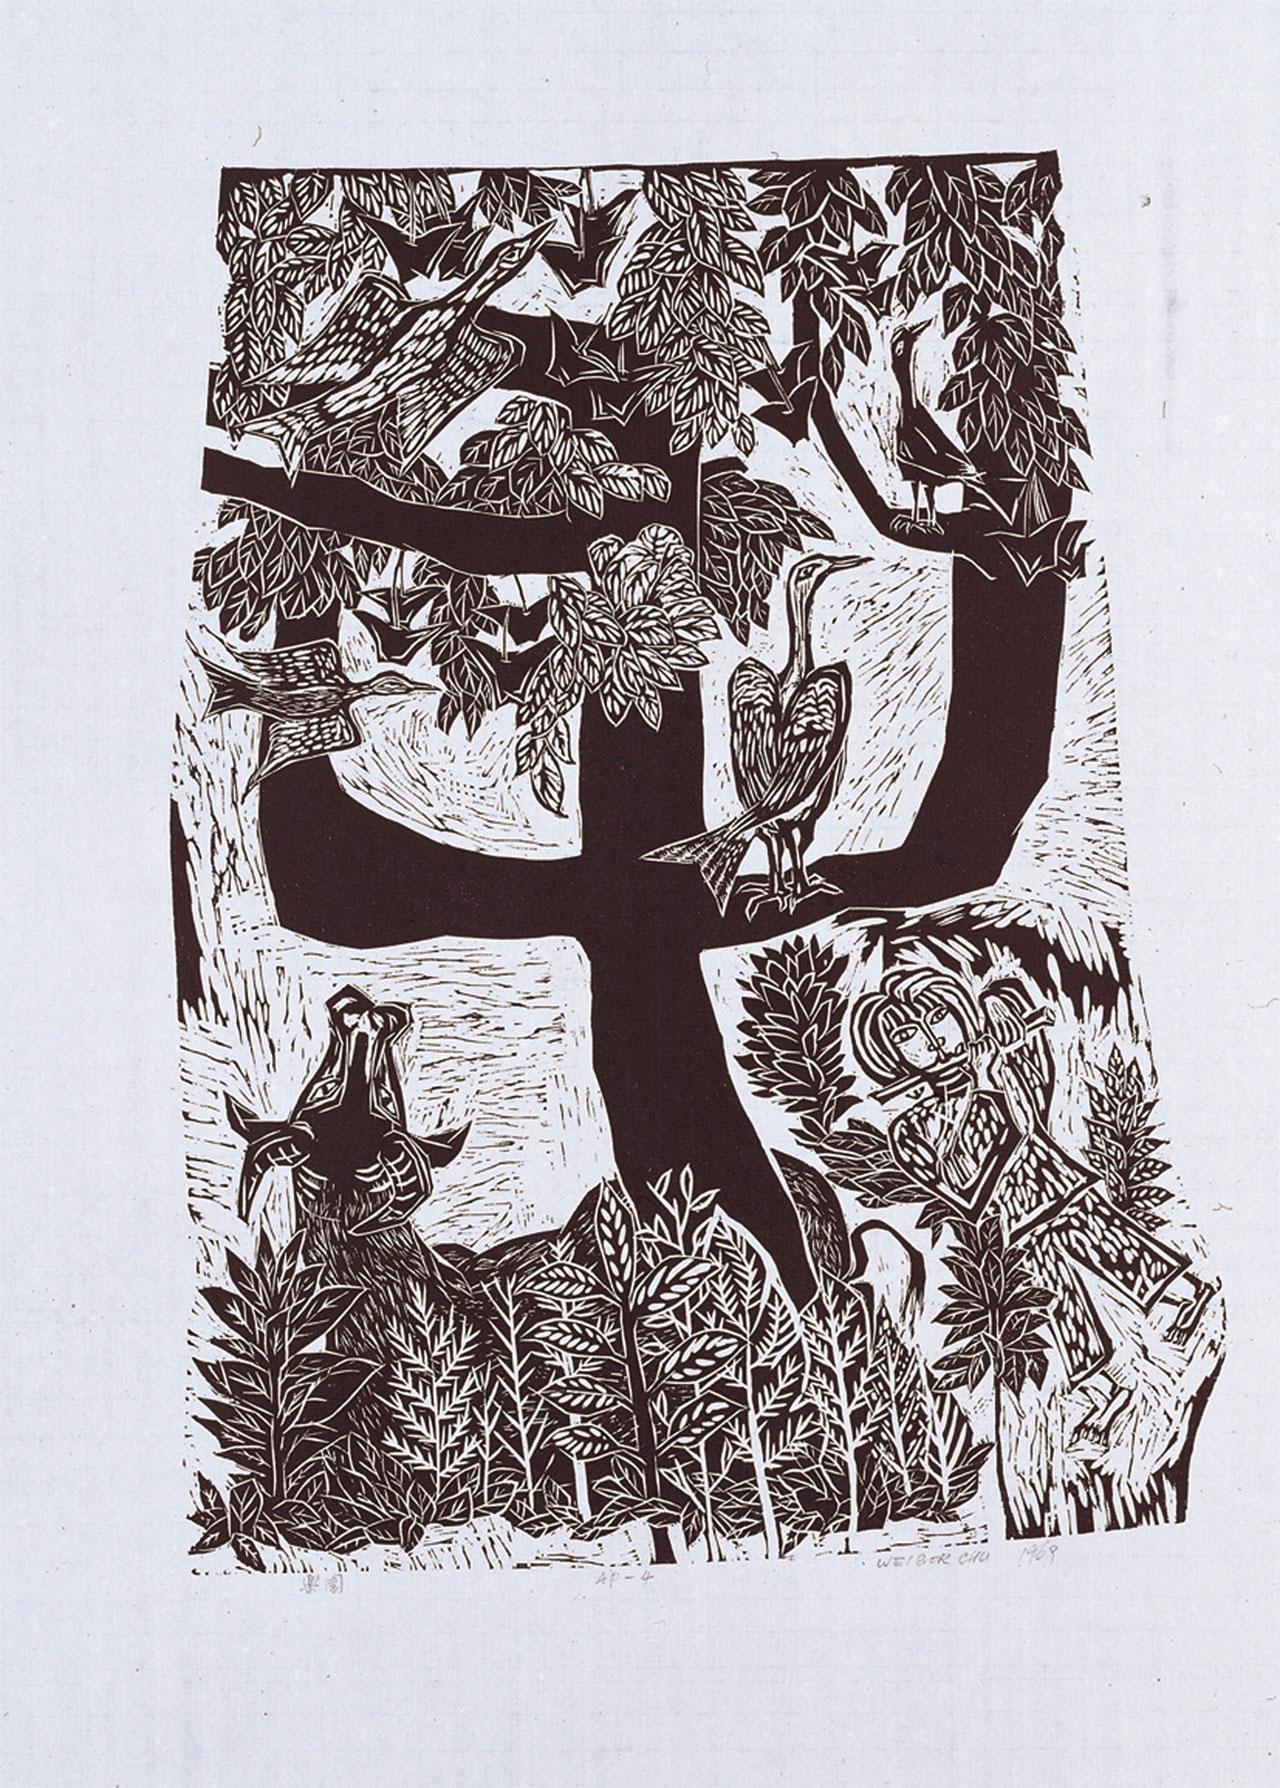 朱為白 樂園 木版畫 91x71.5cm